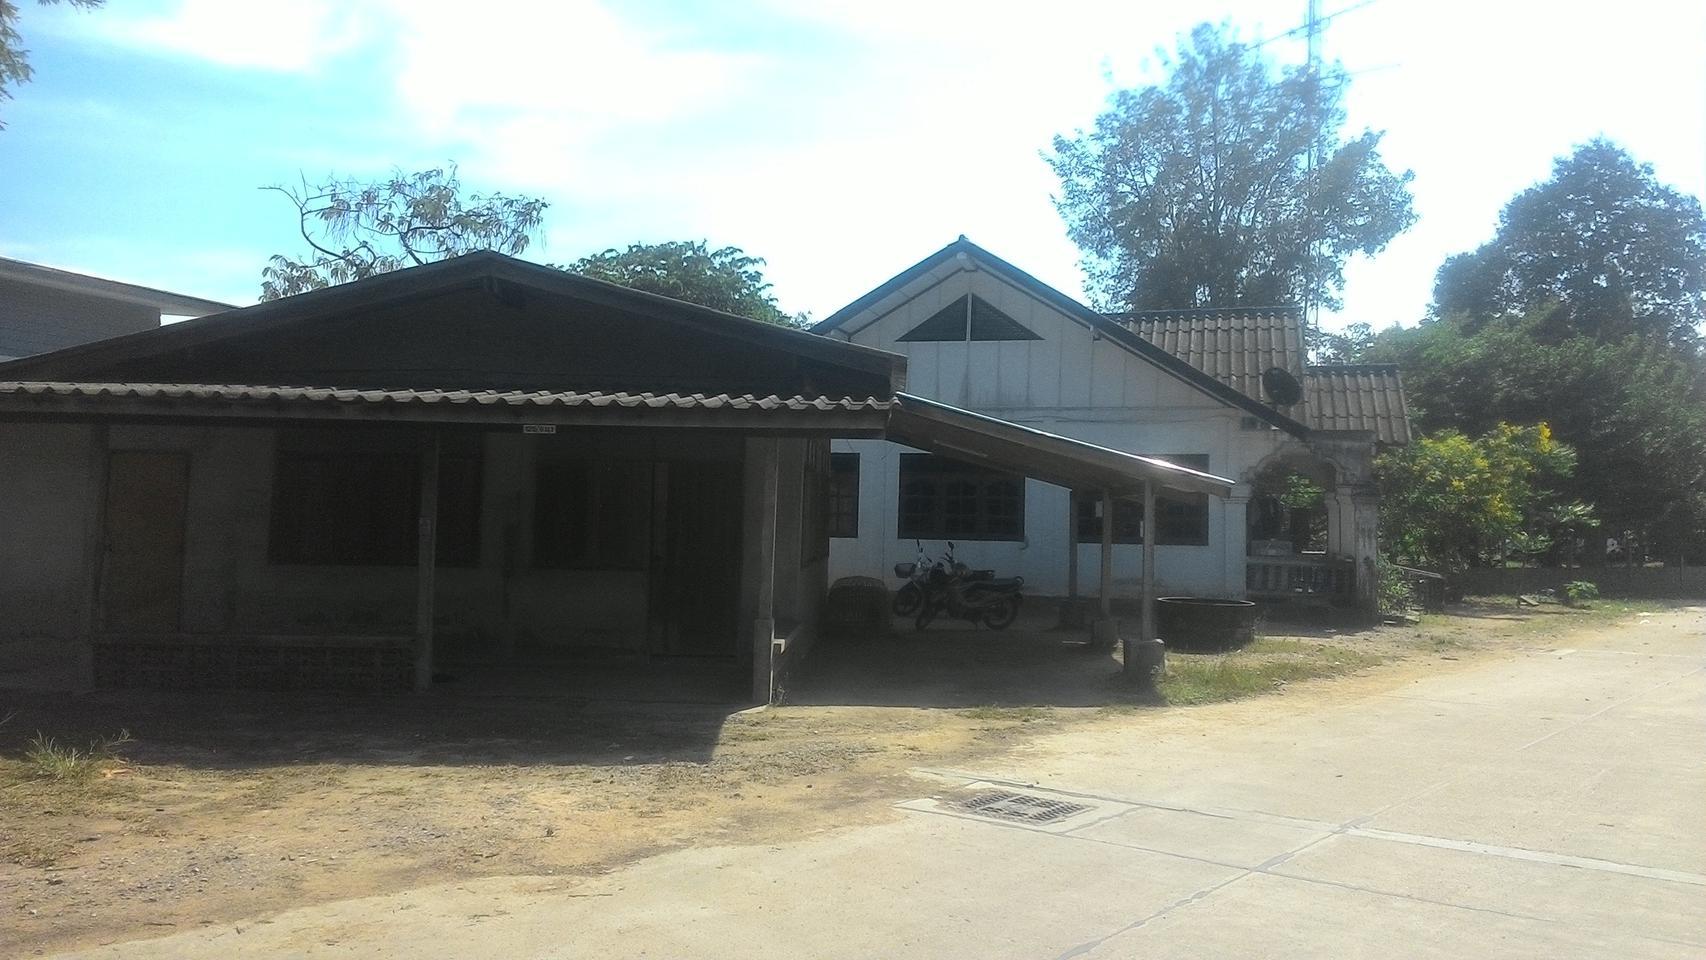 ขายบ้านพร้อมที่ดินที่พัทยา บ้านมีสองหลังในเนื้อที่ 1งาน 33 ตารางวา เจ้าของขายเอง รูปที่ 3